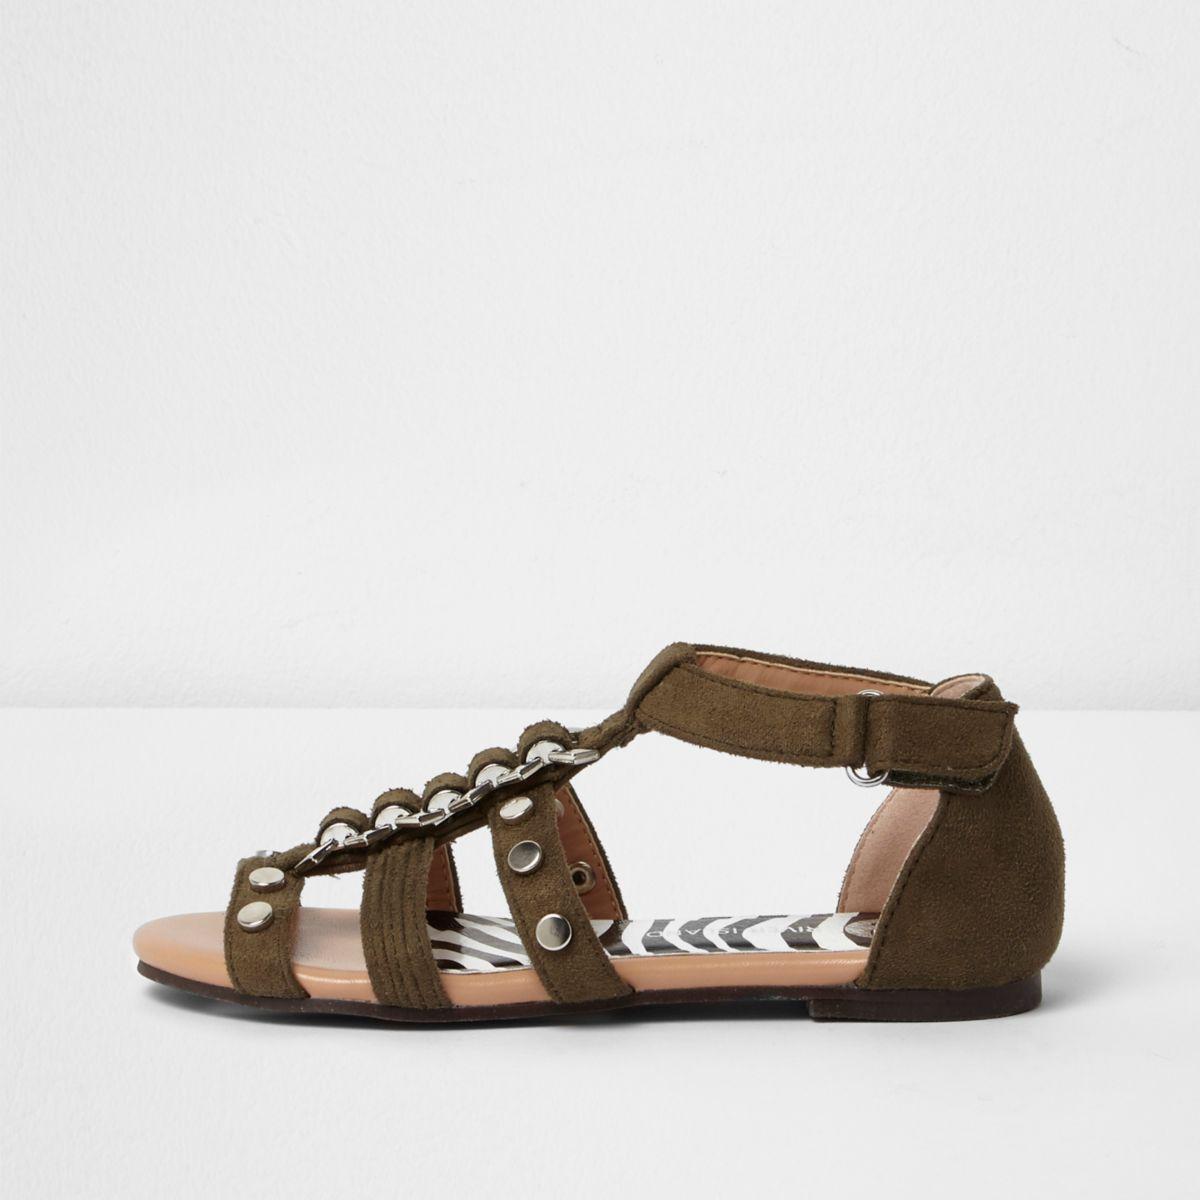 Sandales kaki cloutées effet cage fille